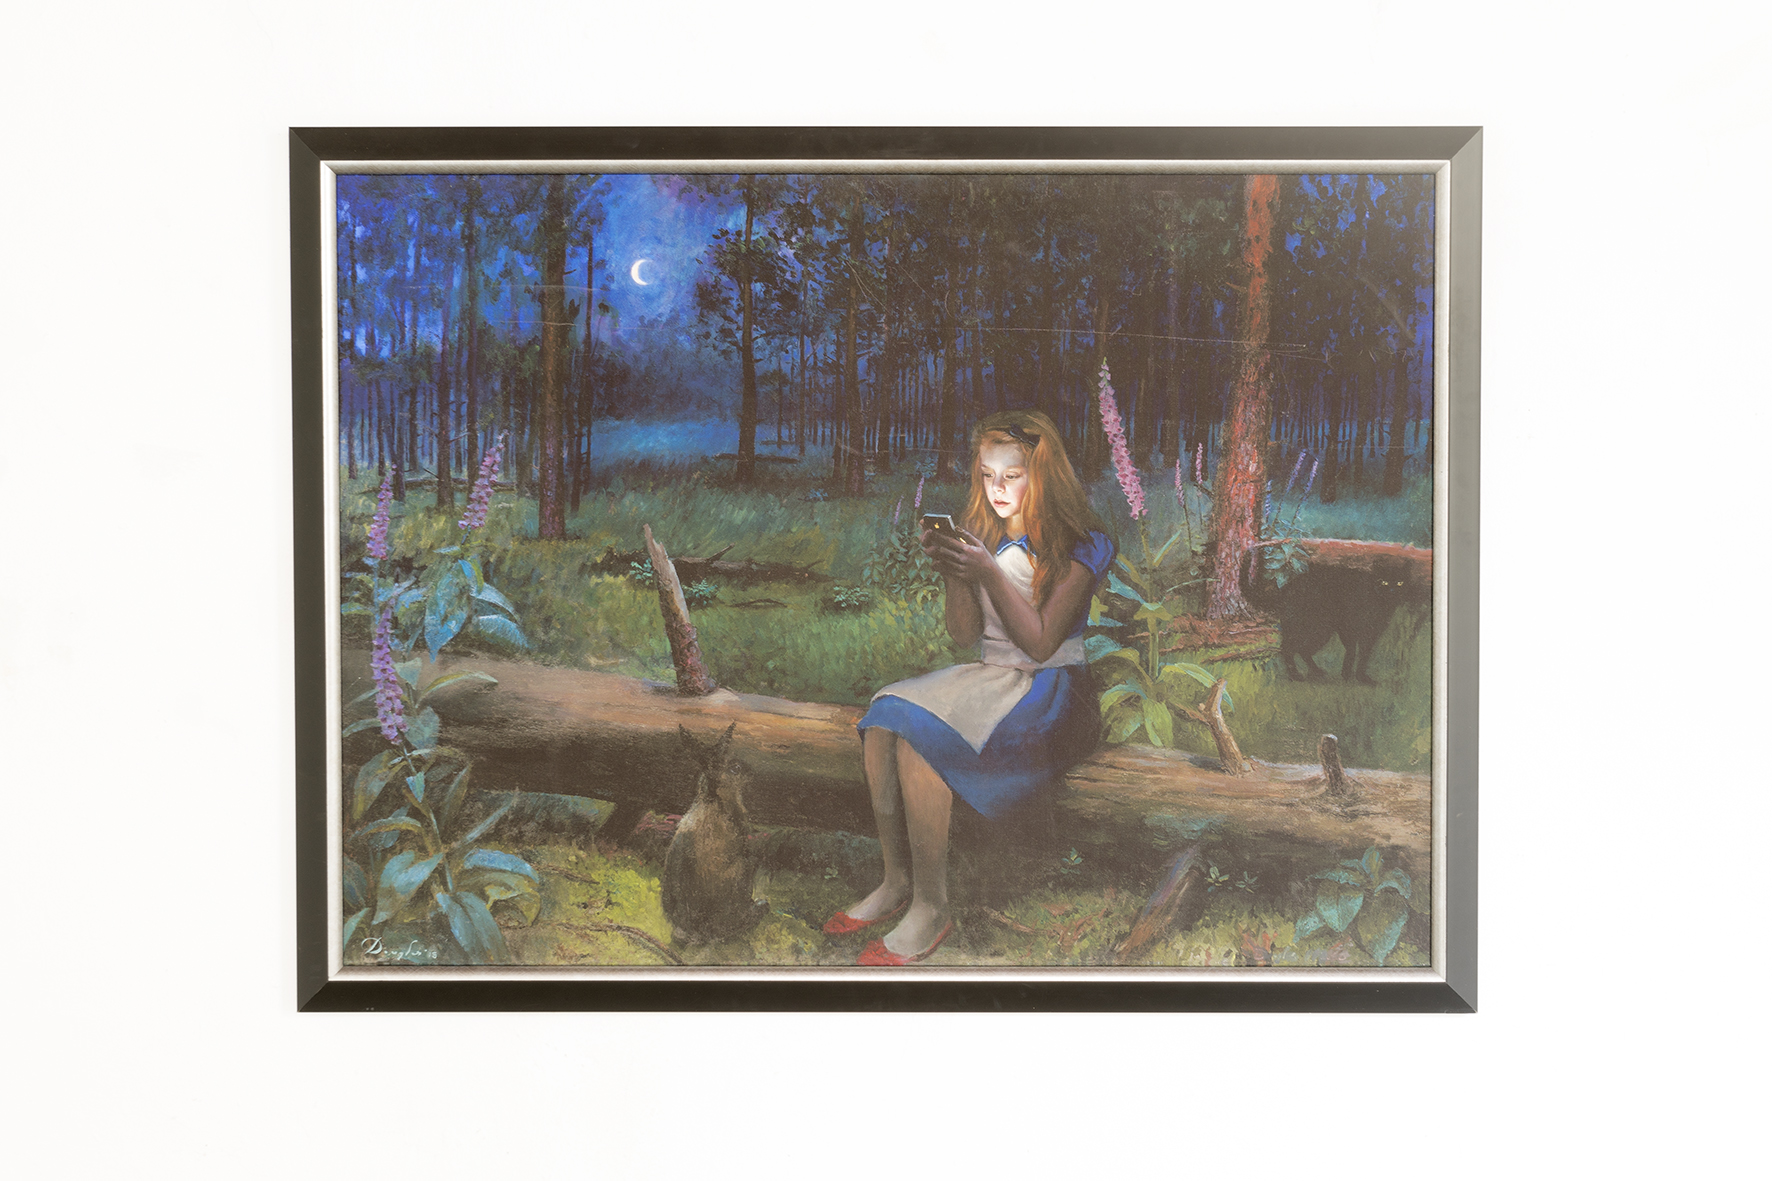 Schilderij van Alice in wonderland die op een telefoon kijkt